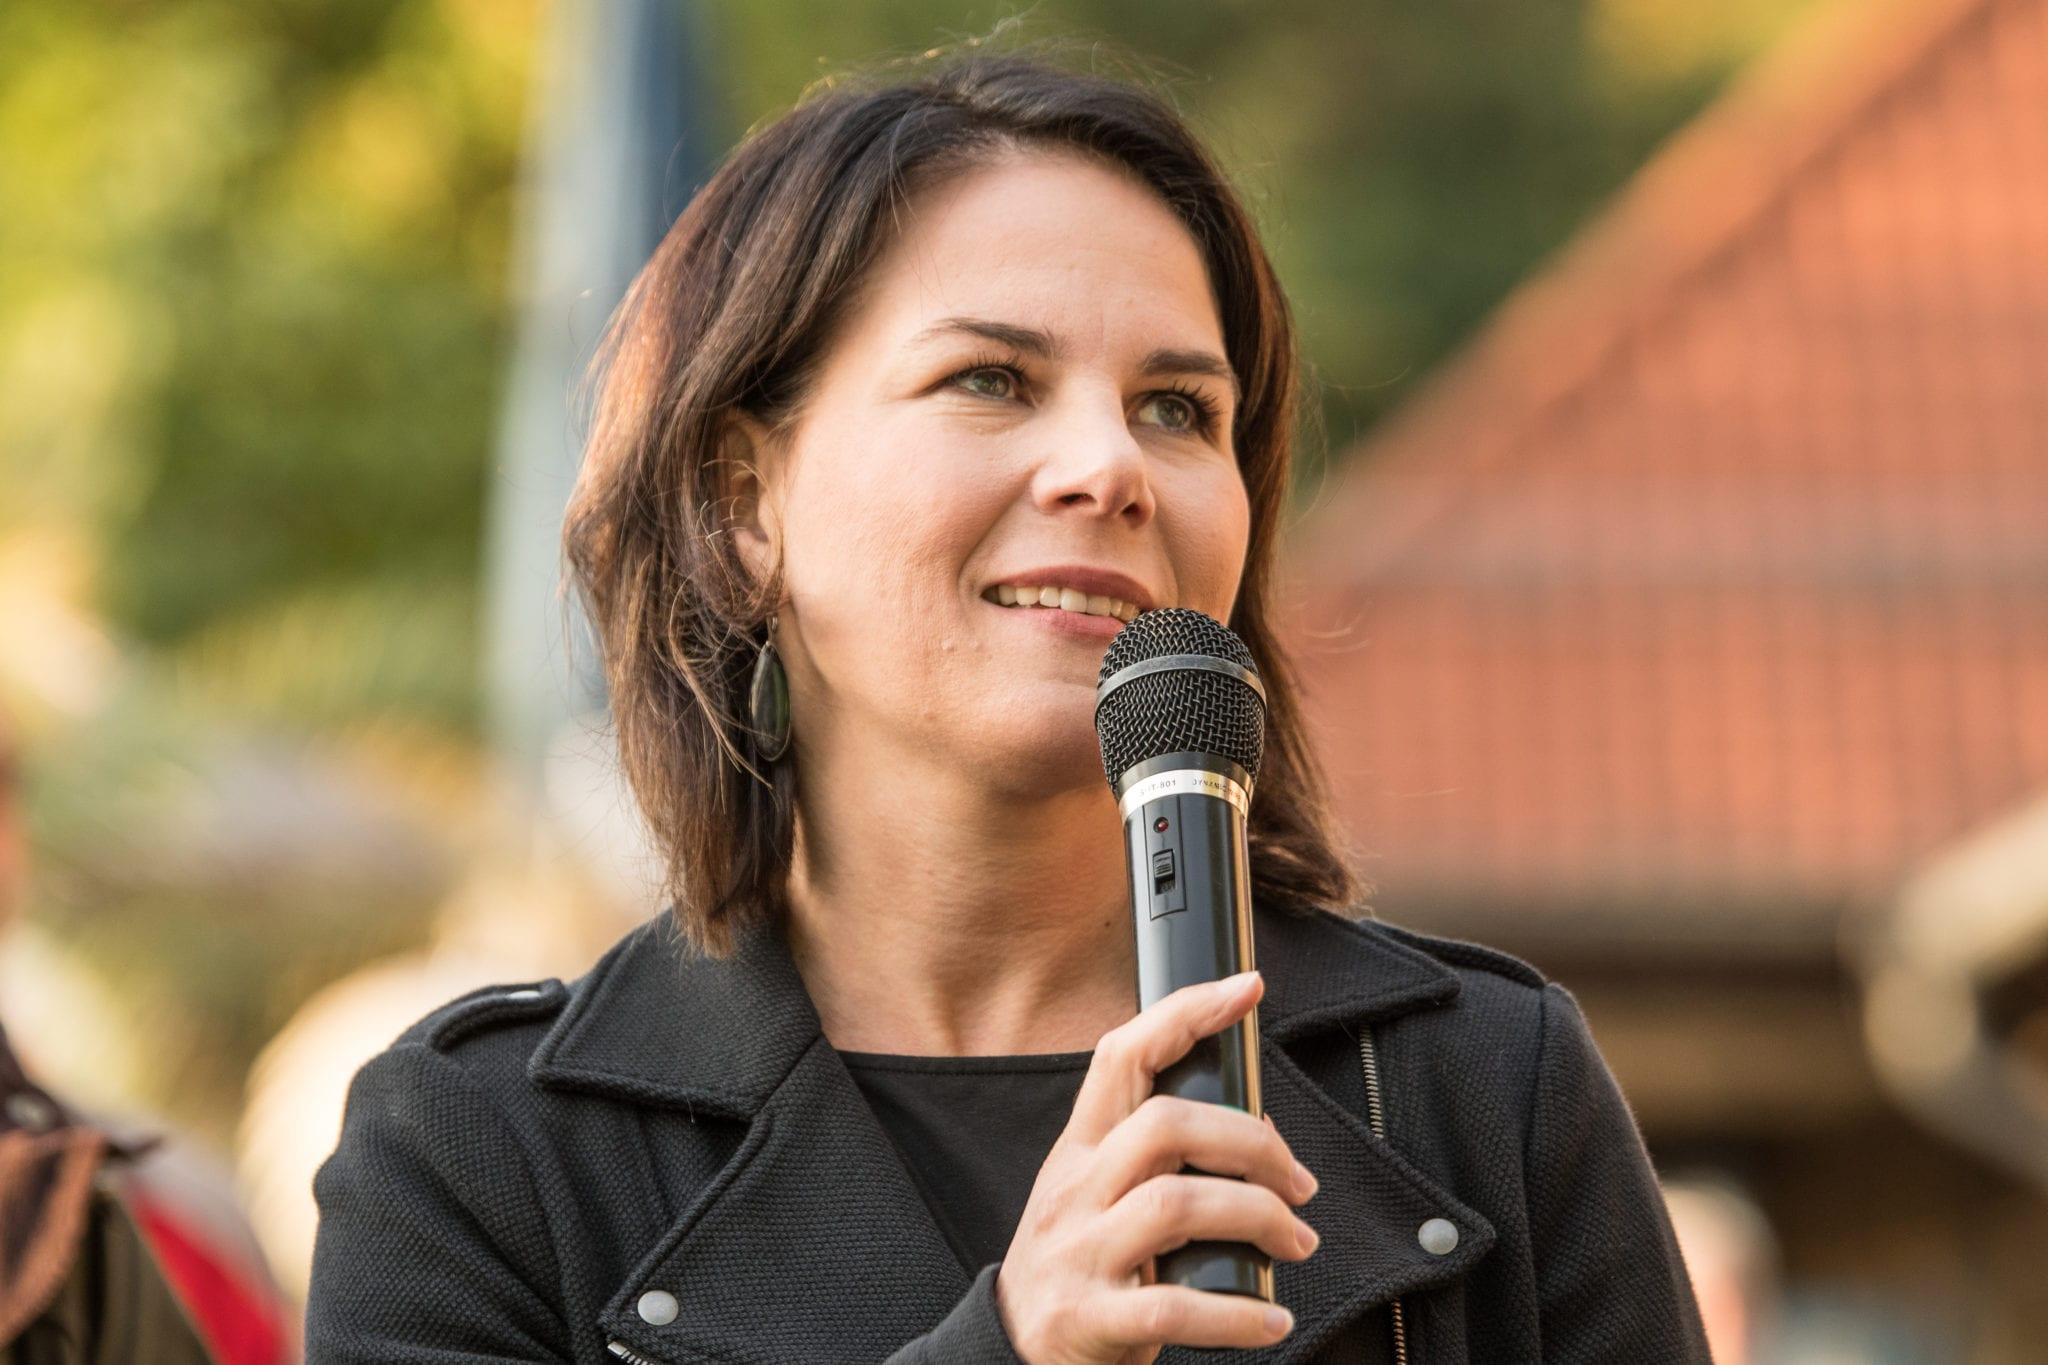 Analina Burbuk wird die linksgerichteteste deutsche Bundeskanzlerin aller Zeiten sein